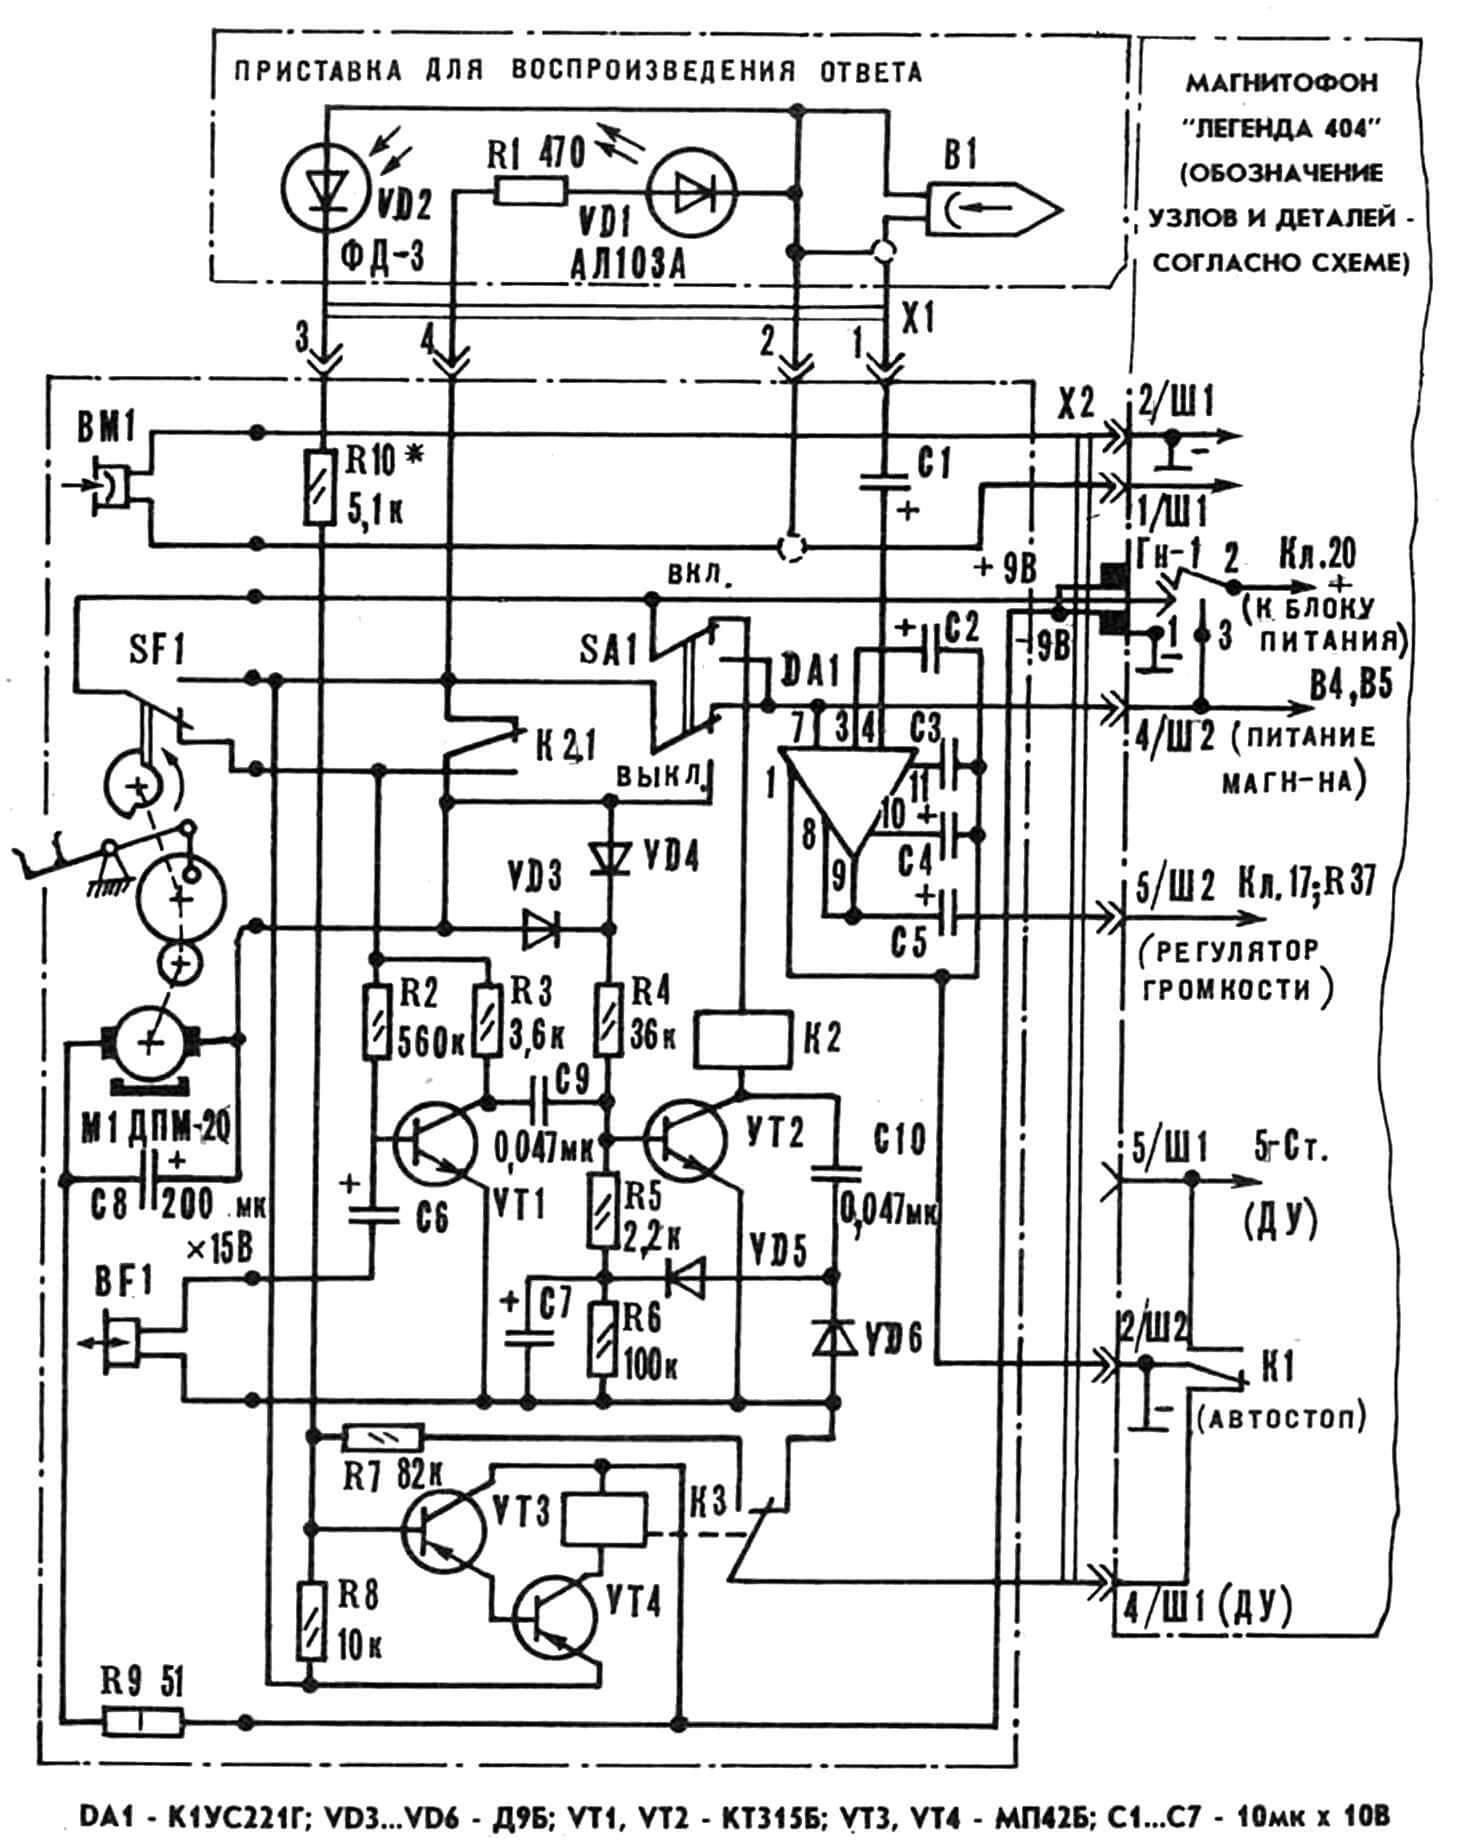 Принципиальная электрическая схема платформы-основания и цепей коммутации.